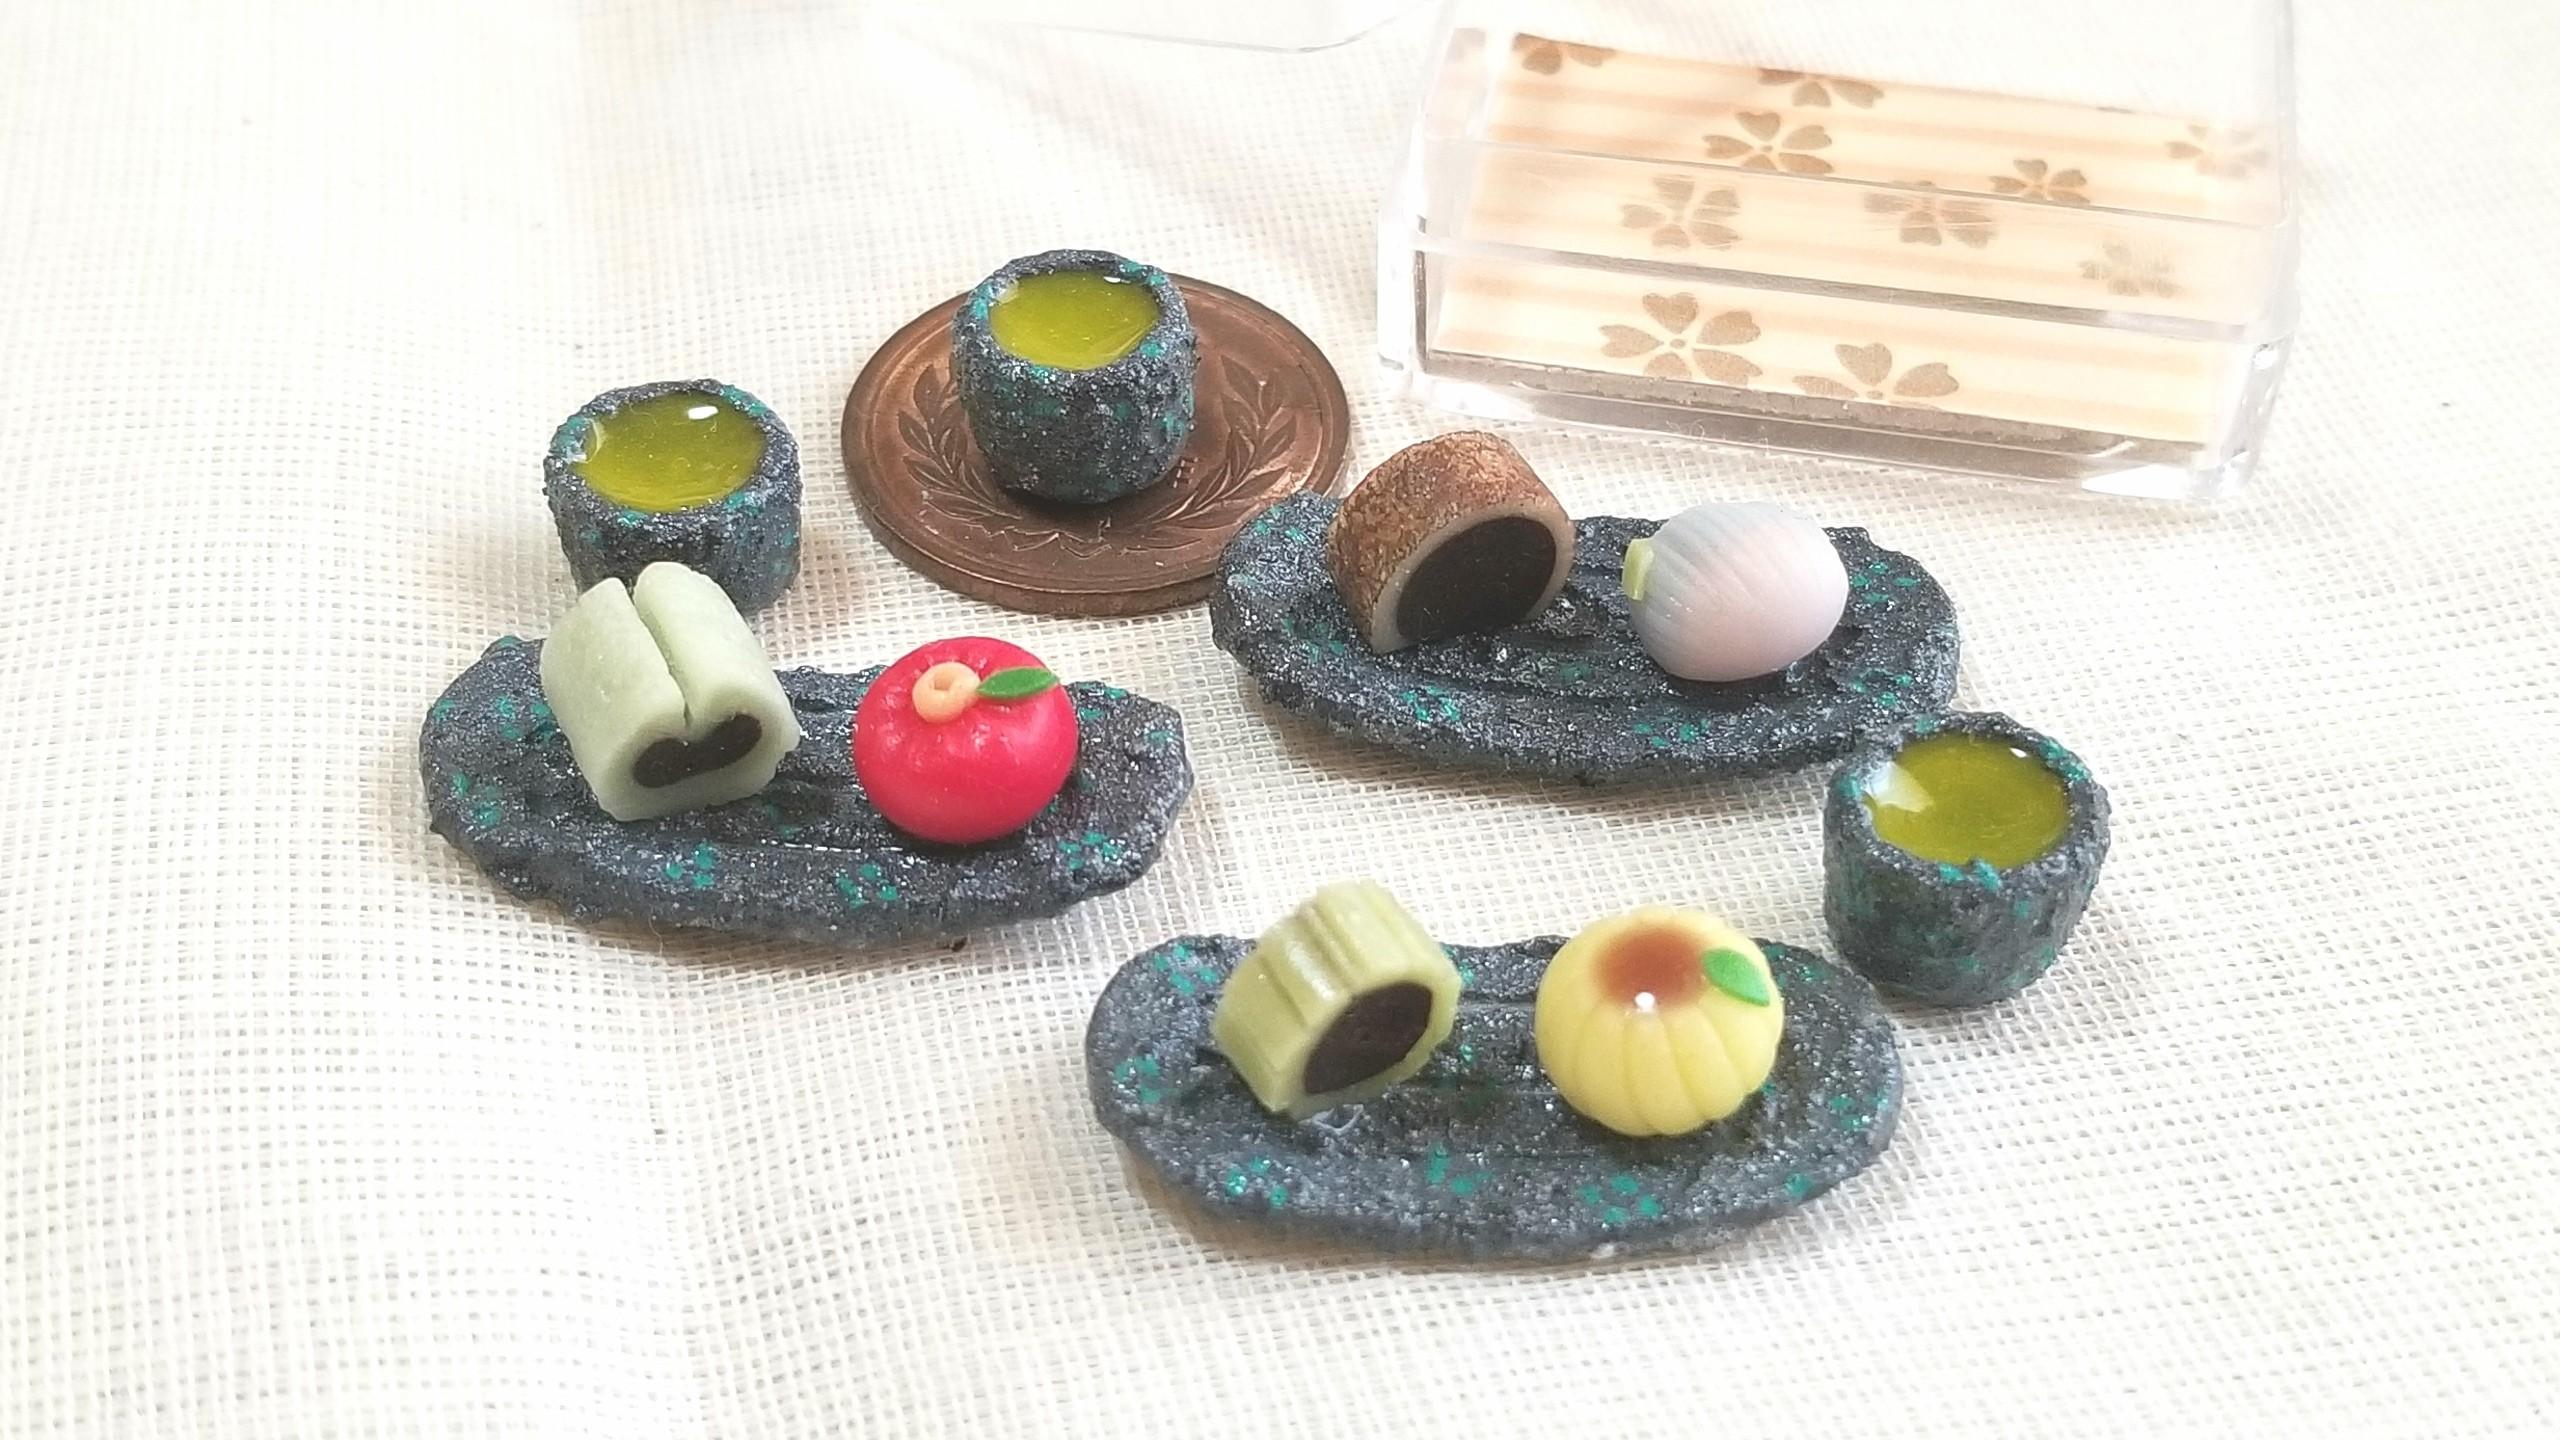 ミニチュアフード,食品サンプル,小さな和菓子,ミンネ販売,ドール小物